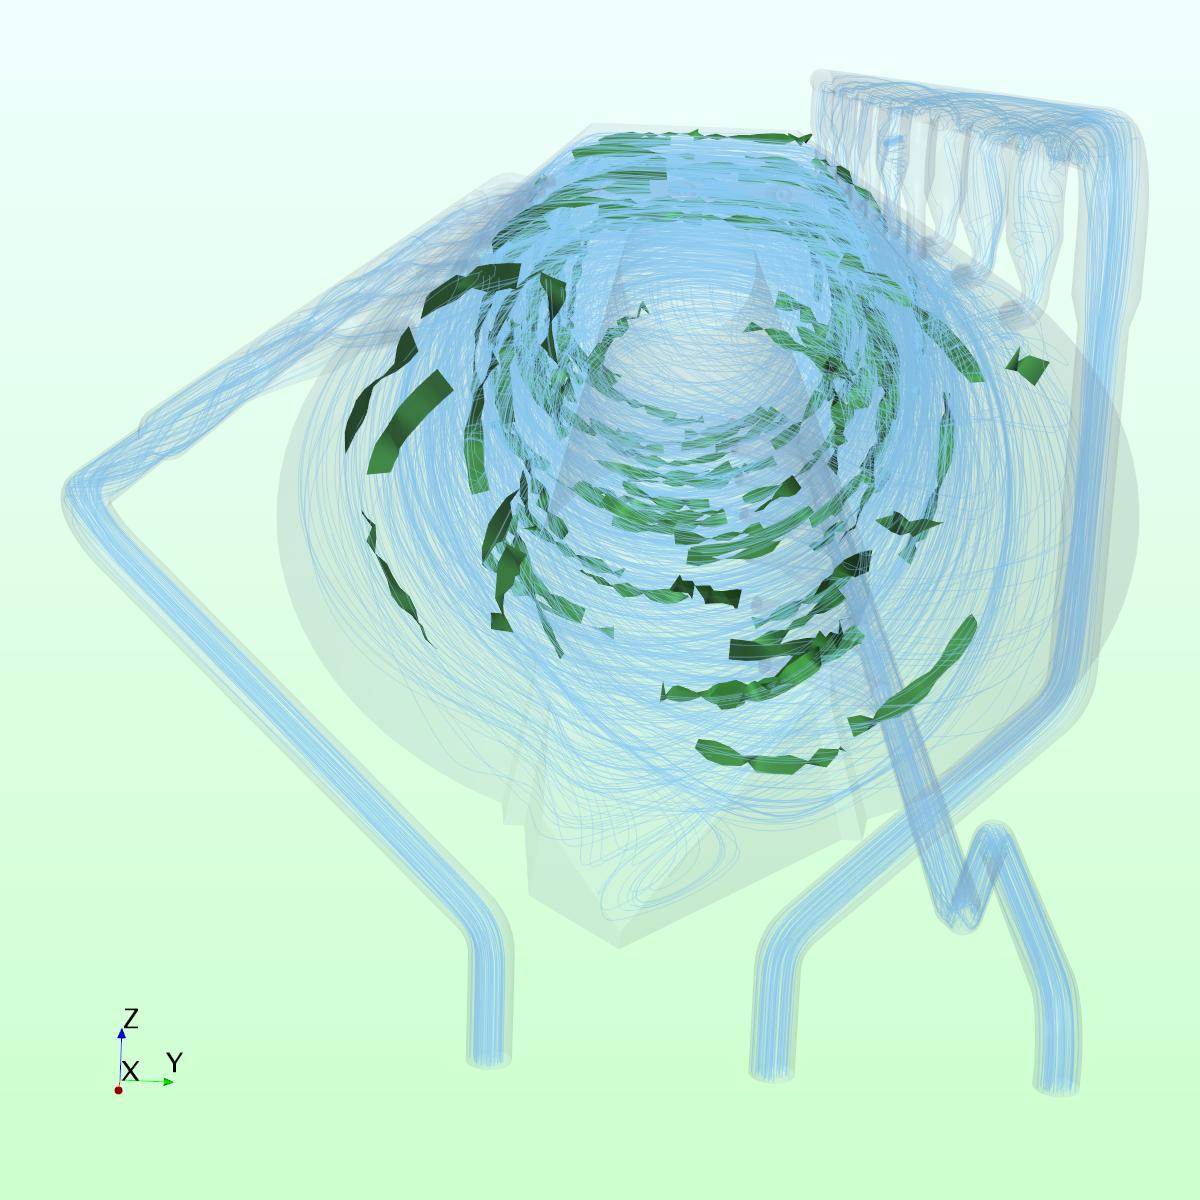 Strömungsverhalten in einer Spinat-Waschanlage